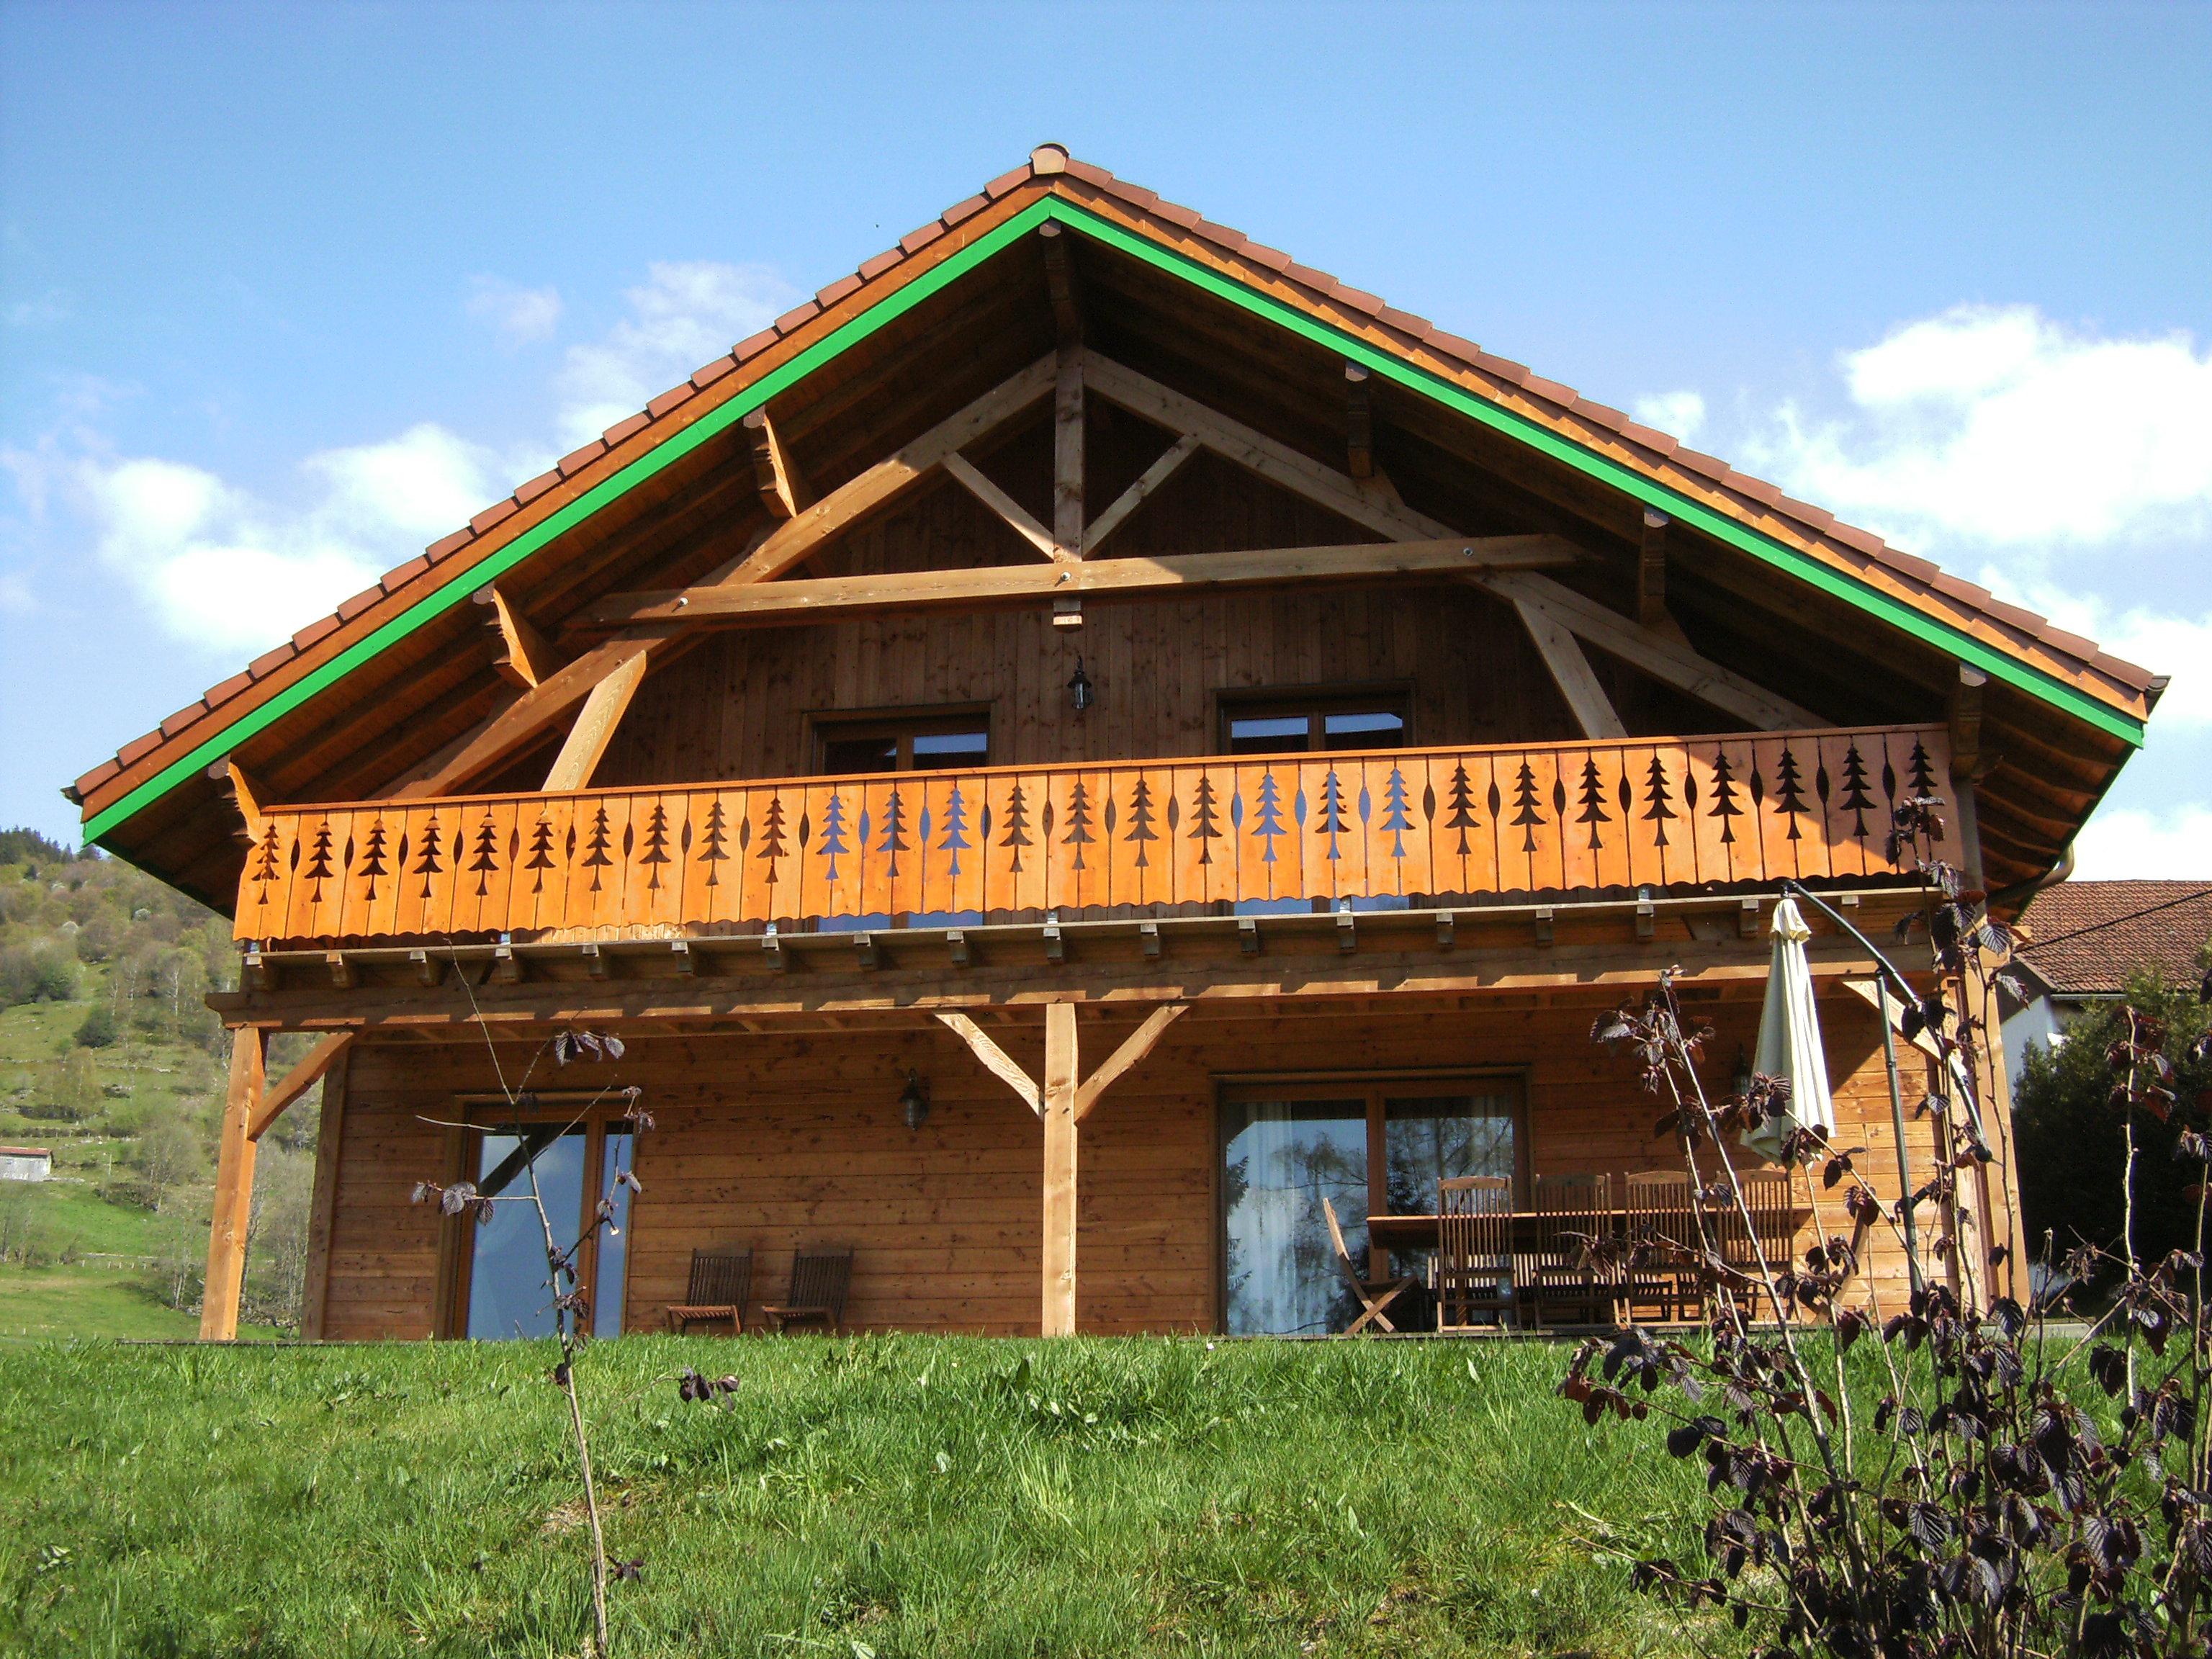 Bienvenue aux Chalets Fleuris dans les hautes Vosges ~ Sur Les Bois Annecy Le Vieux